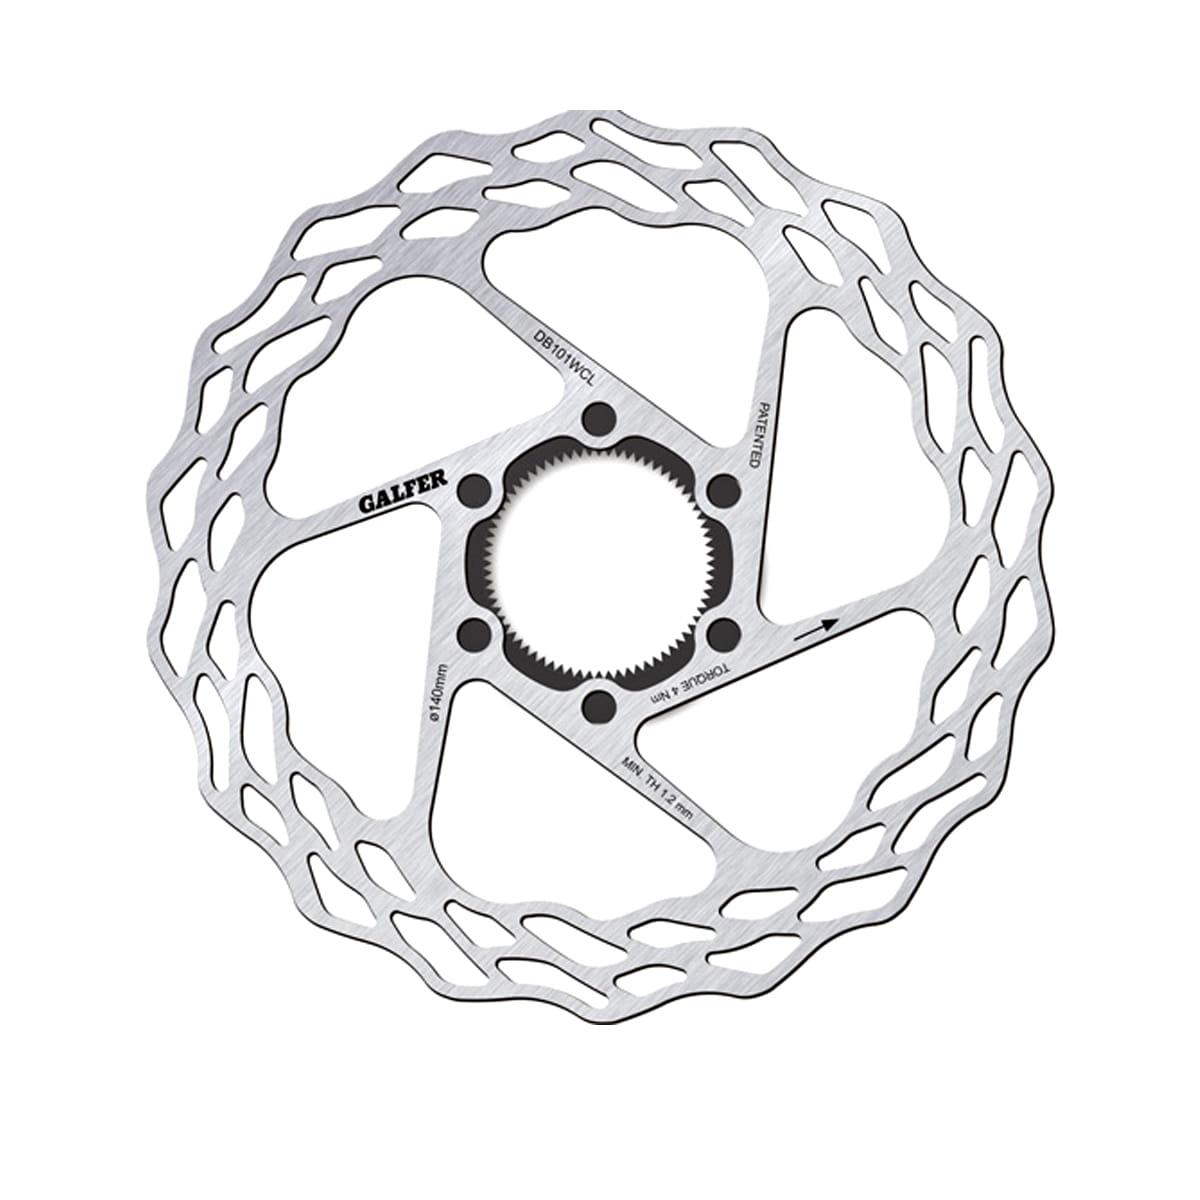 Galfer Wave Fixed Road Centerlock Bremsscheibe online kaufen | BMO Bike-Mailorder